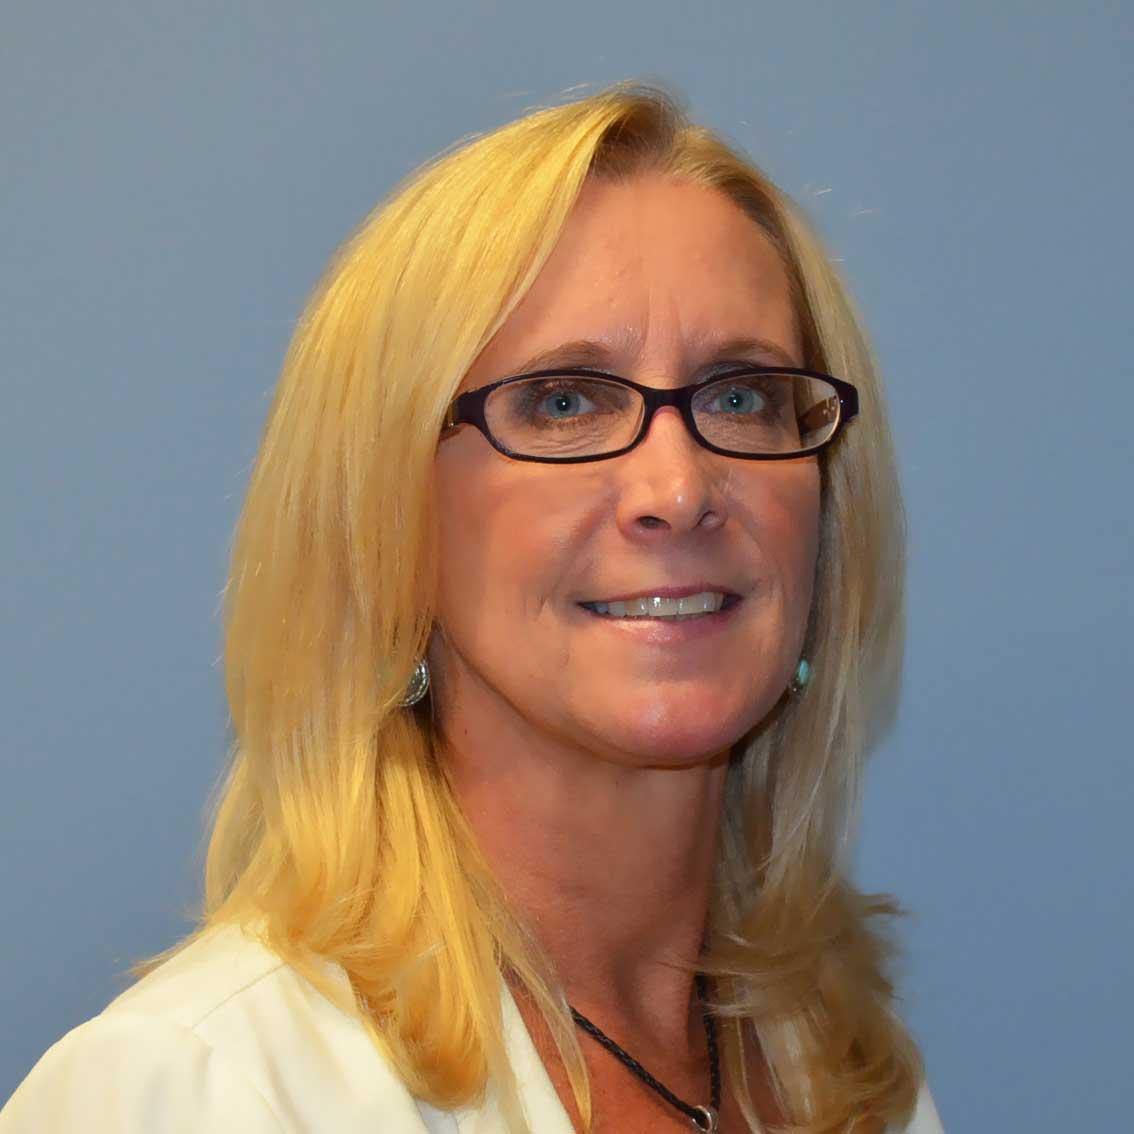 Julie Stennett, Construction Manager